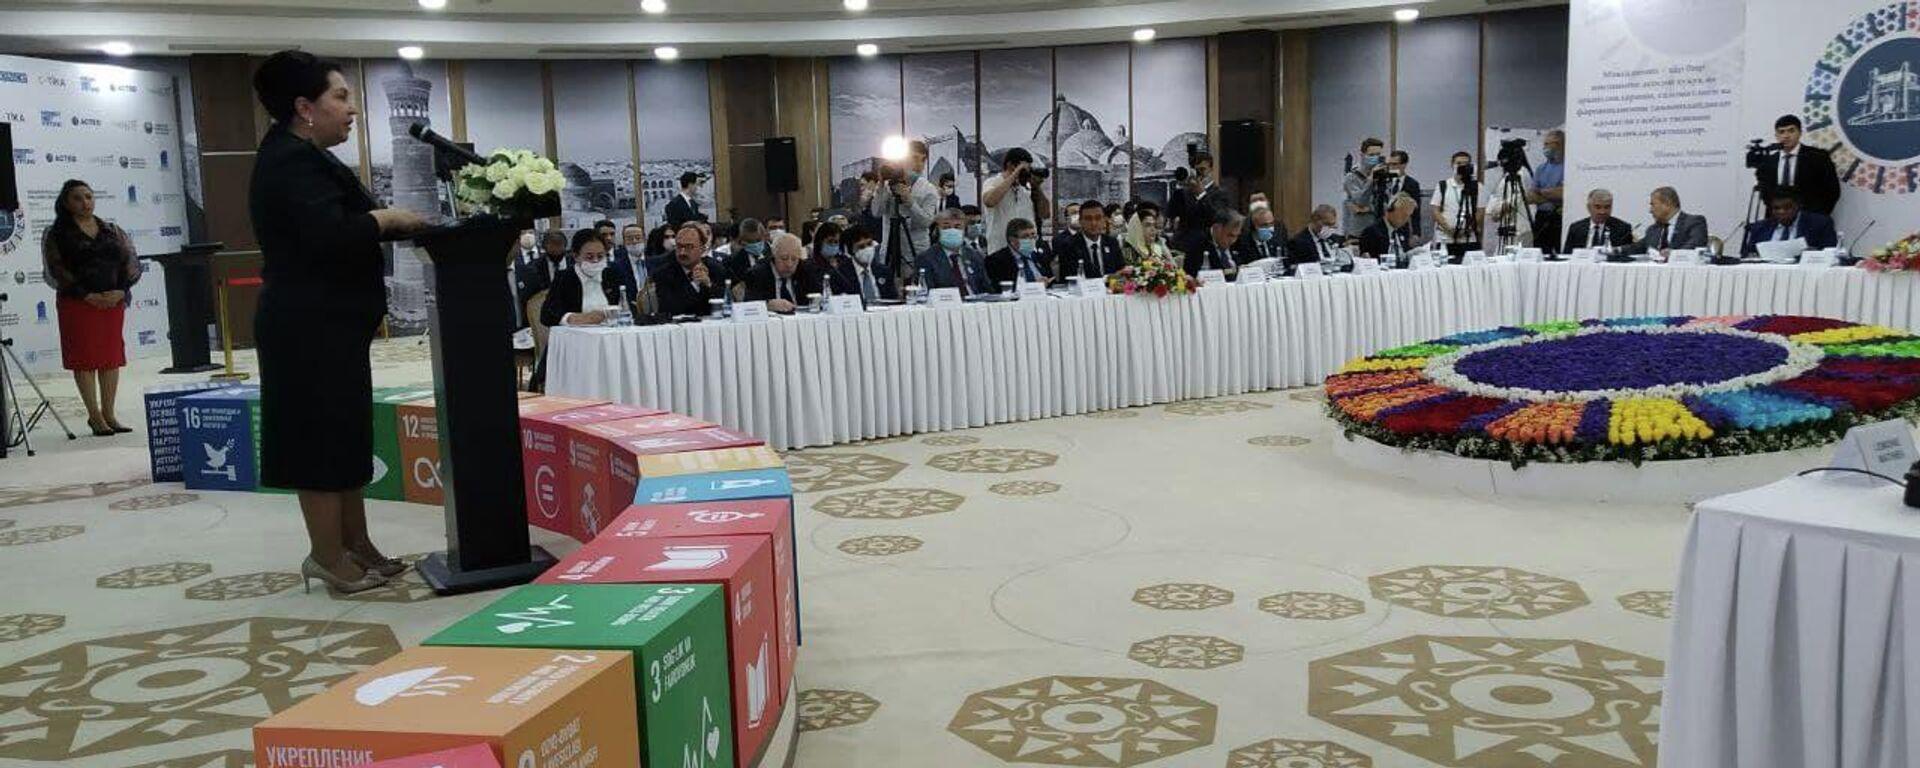 В Бухаре стартовал  Международный форум глобального межпарламентского сотрудничества в реализации Целей устойчивого развития - Sputnik Узбекистан, 1920, 24.06.2021